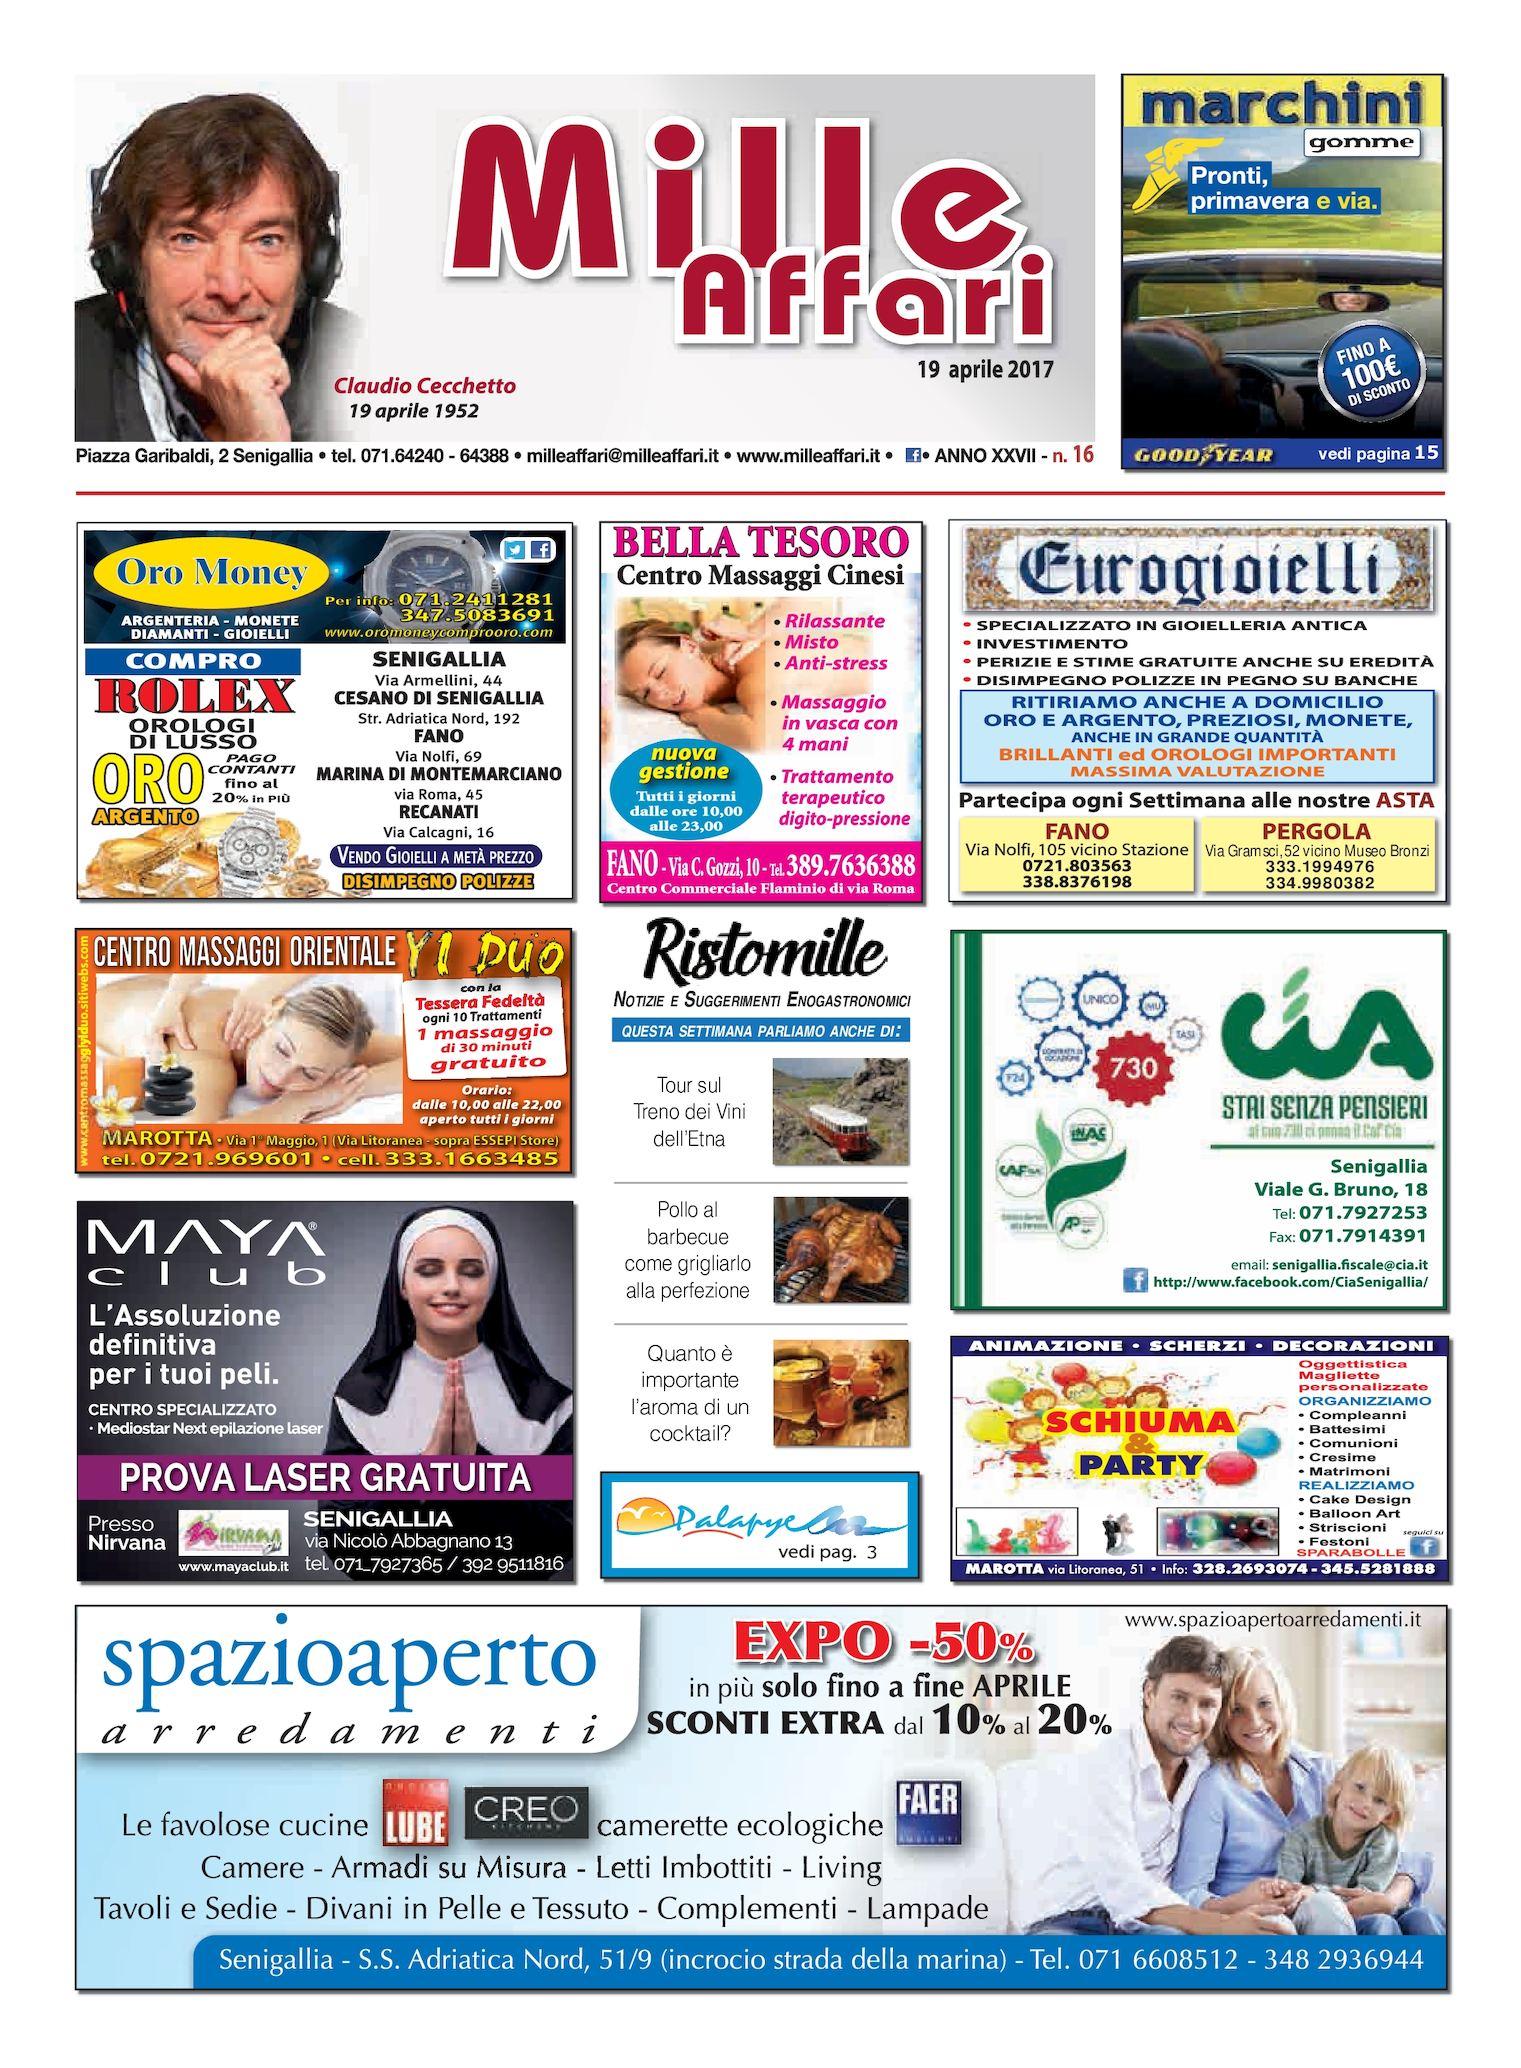 Calaméo - Milleaffari N°16 Del 19.04.17 3fe9d56cd43